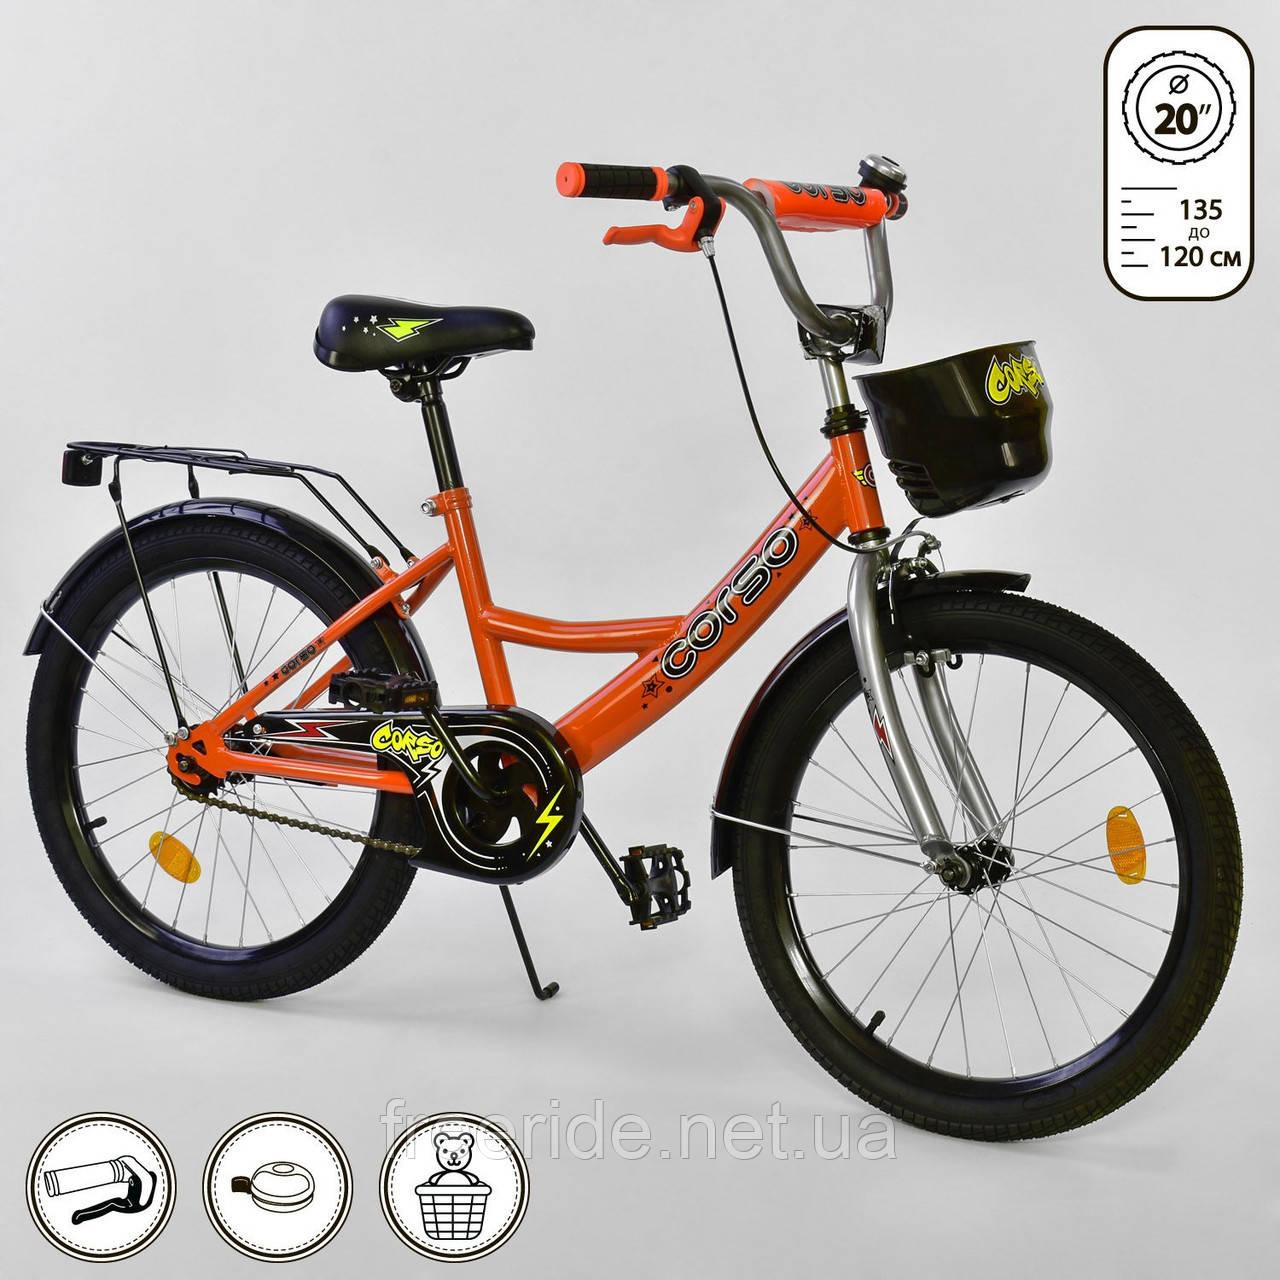 """Детский Велосипед CORSO 20"""" G-20664 (ОРАНЖЕВЫЙ)"""